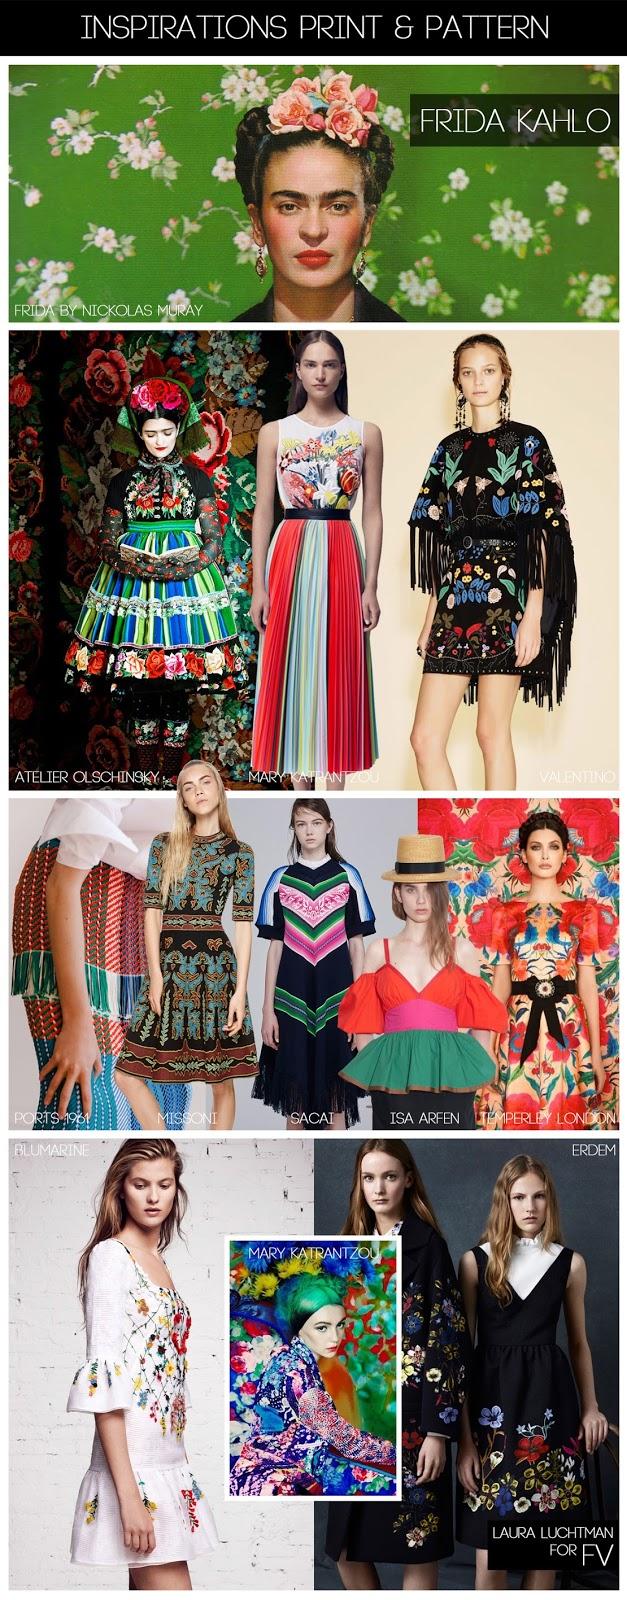 Frida Kahlo print pattern trend inspiration